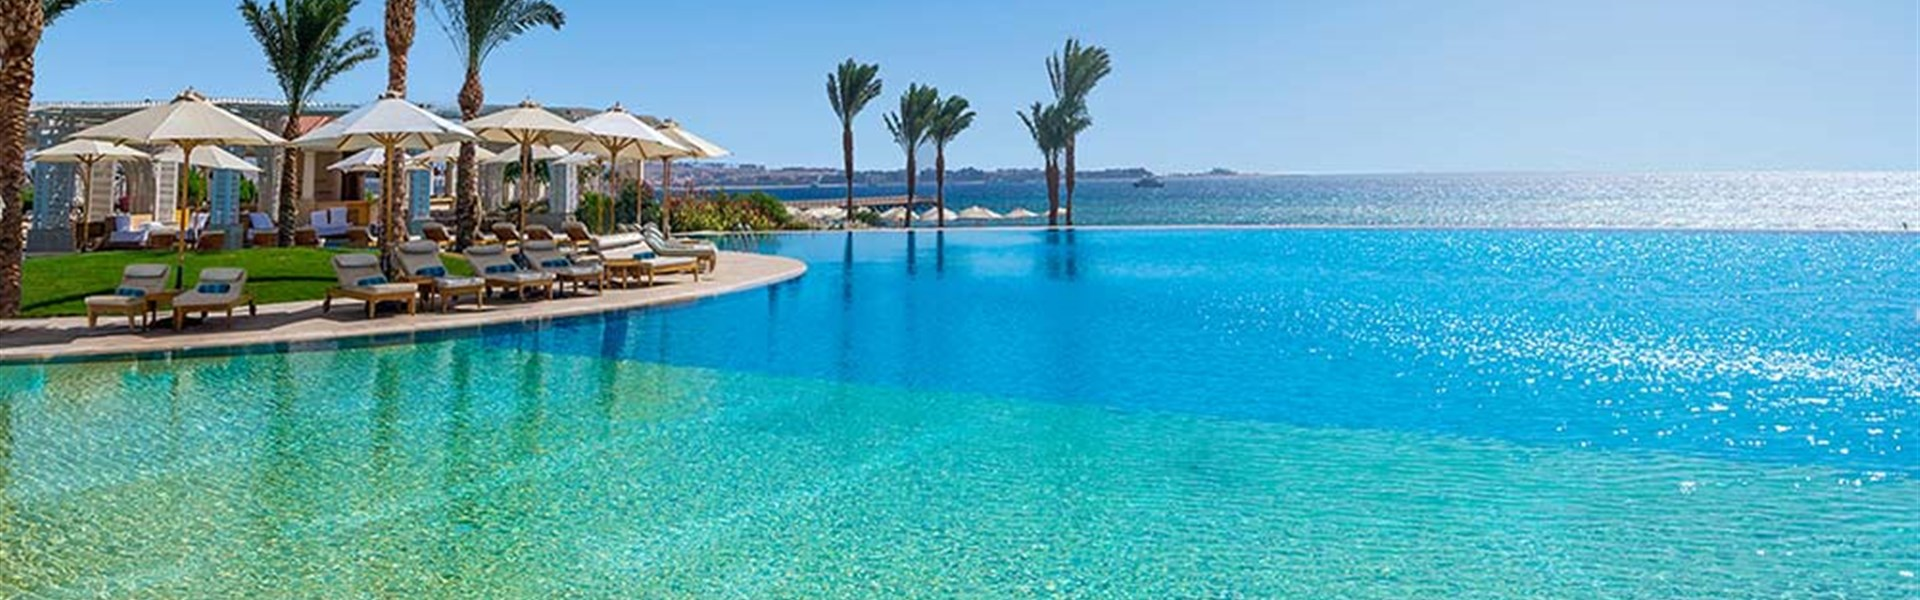 Marco Polo - Baron Palace Sahl Hasheesh 6* - bazén hotel Baron